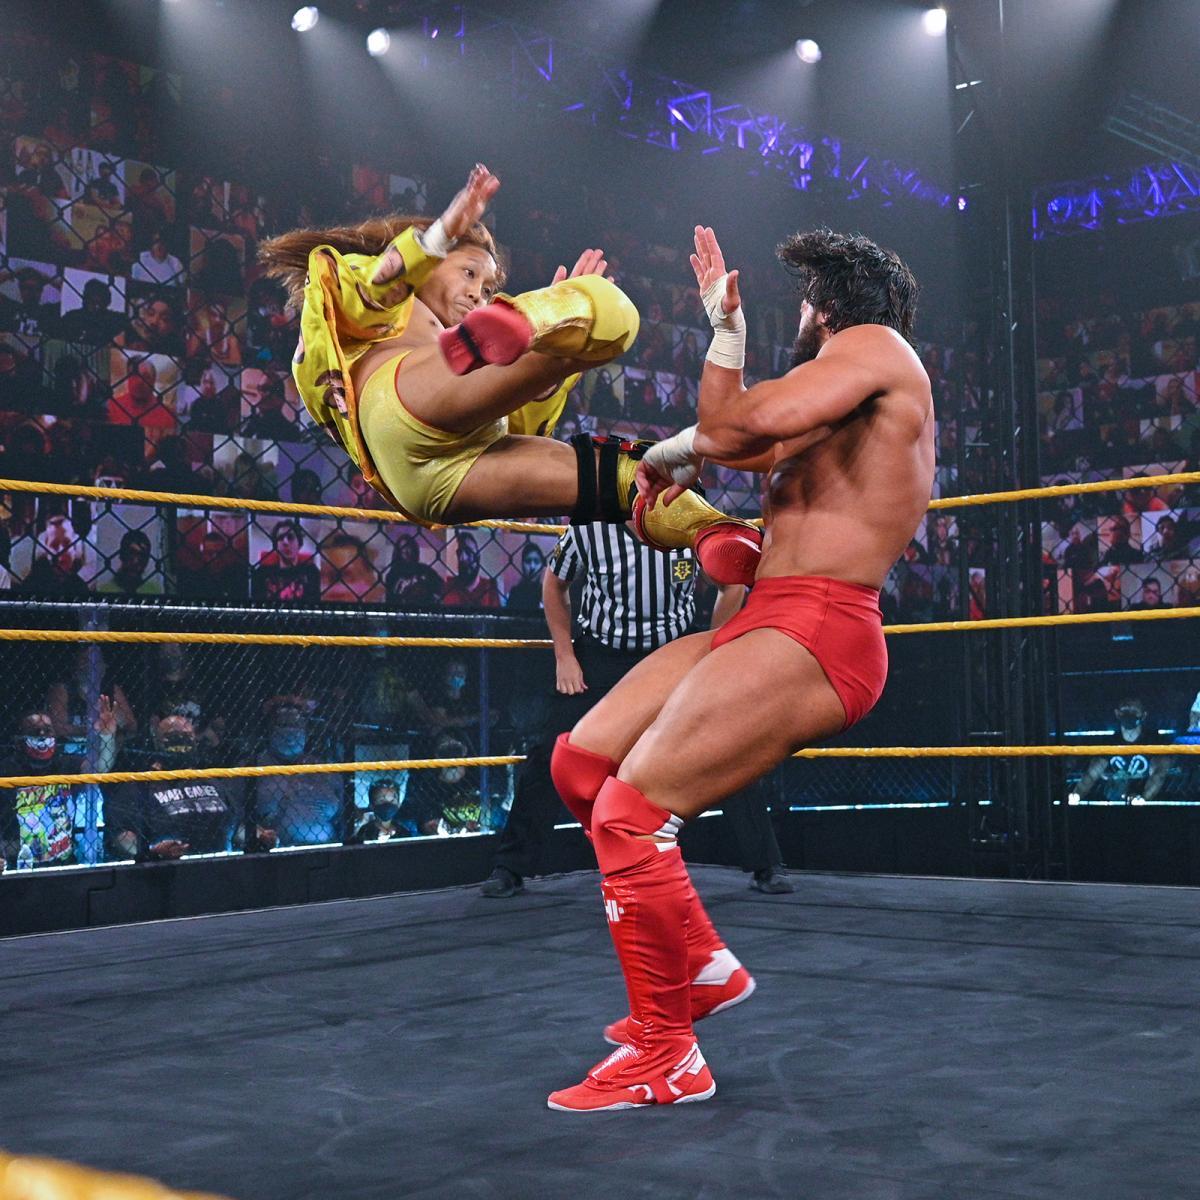 ニース(右)にピンポイントキックを浴びせたイケメン二郎(C)2021 WWE, Inc. All Rights Reserved.